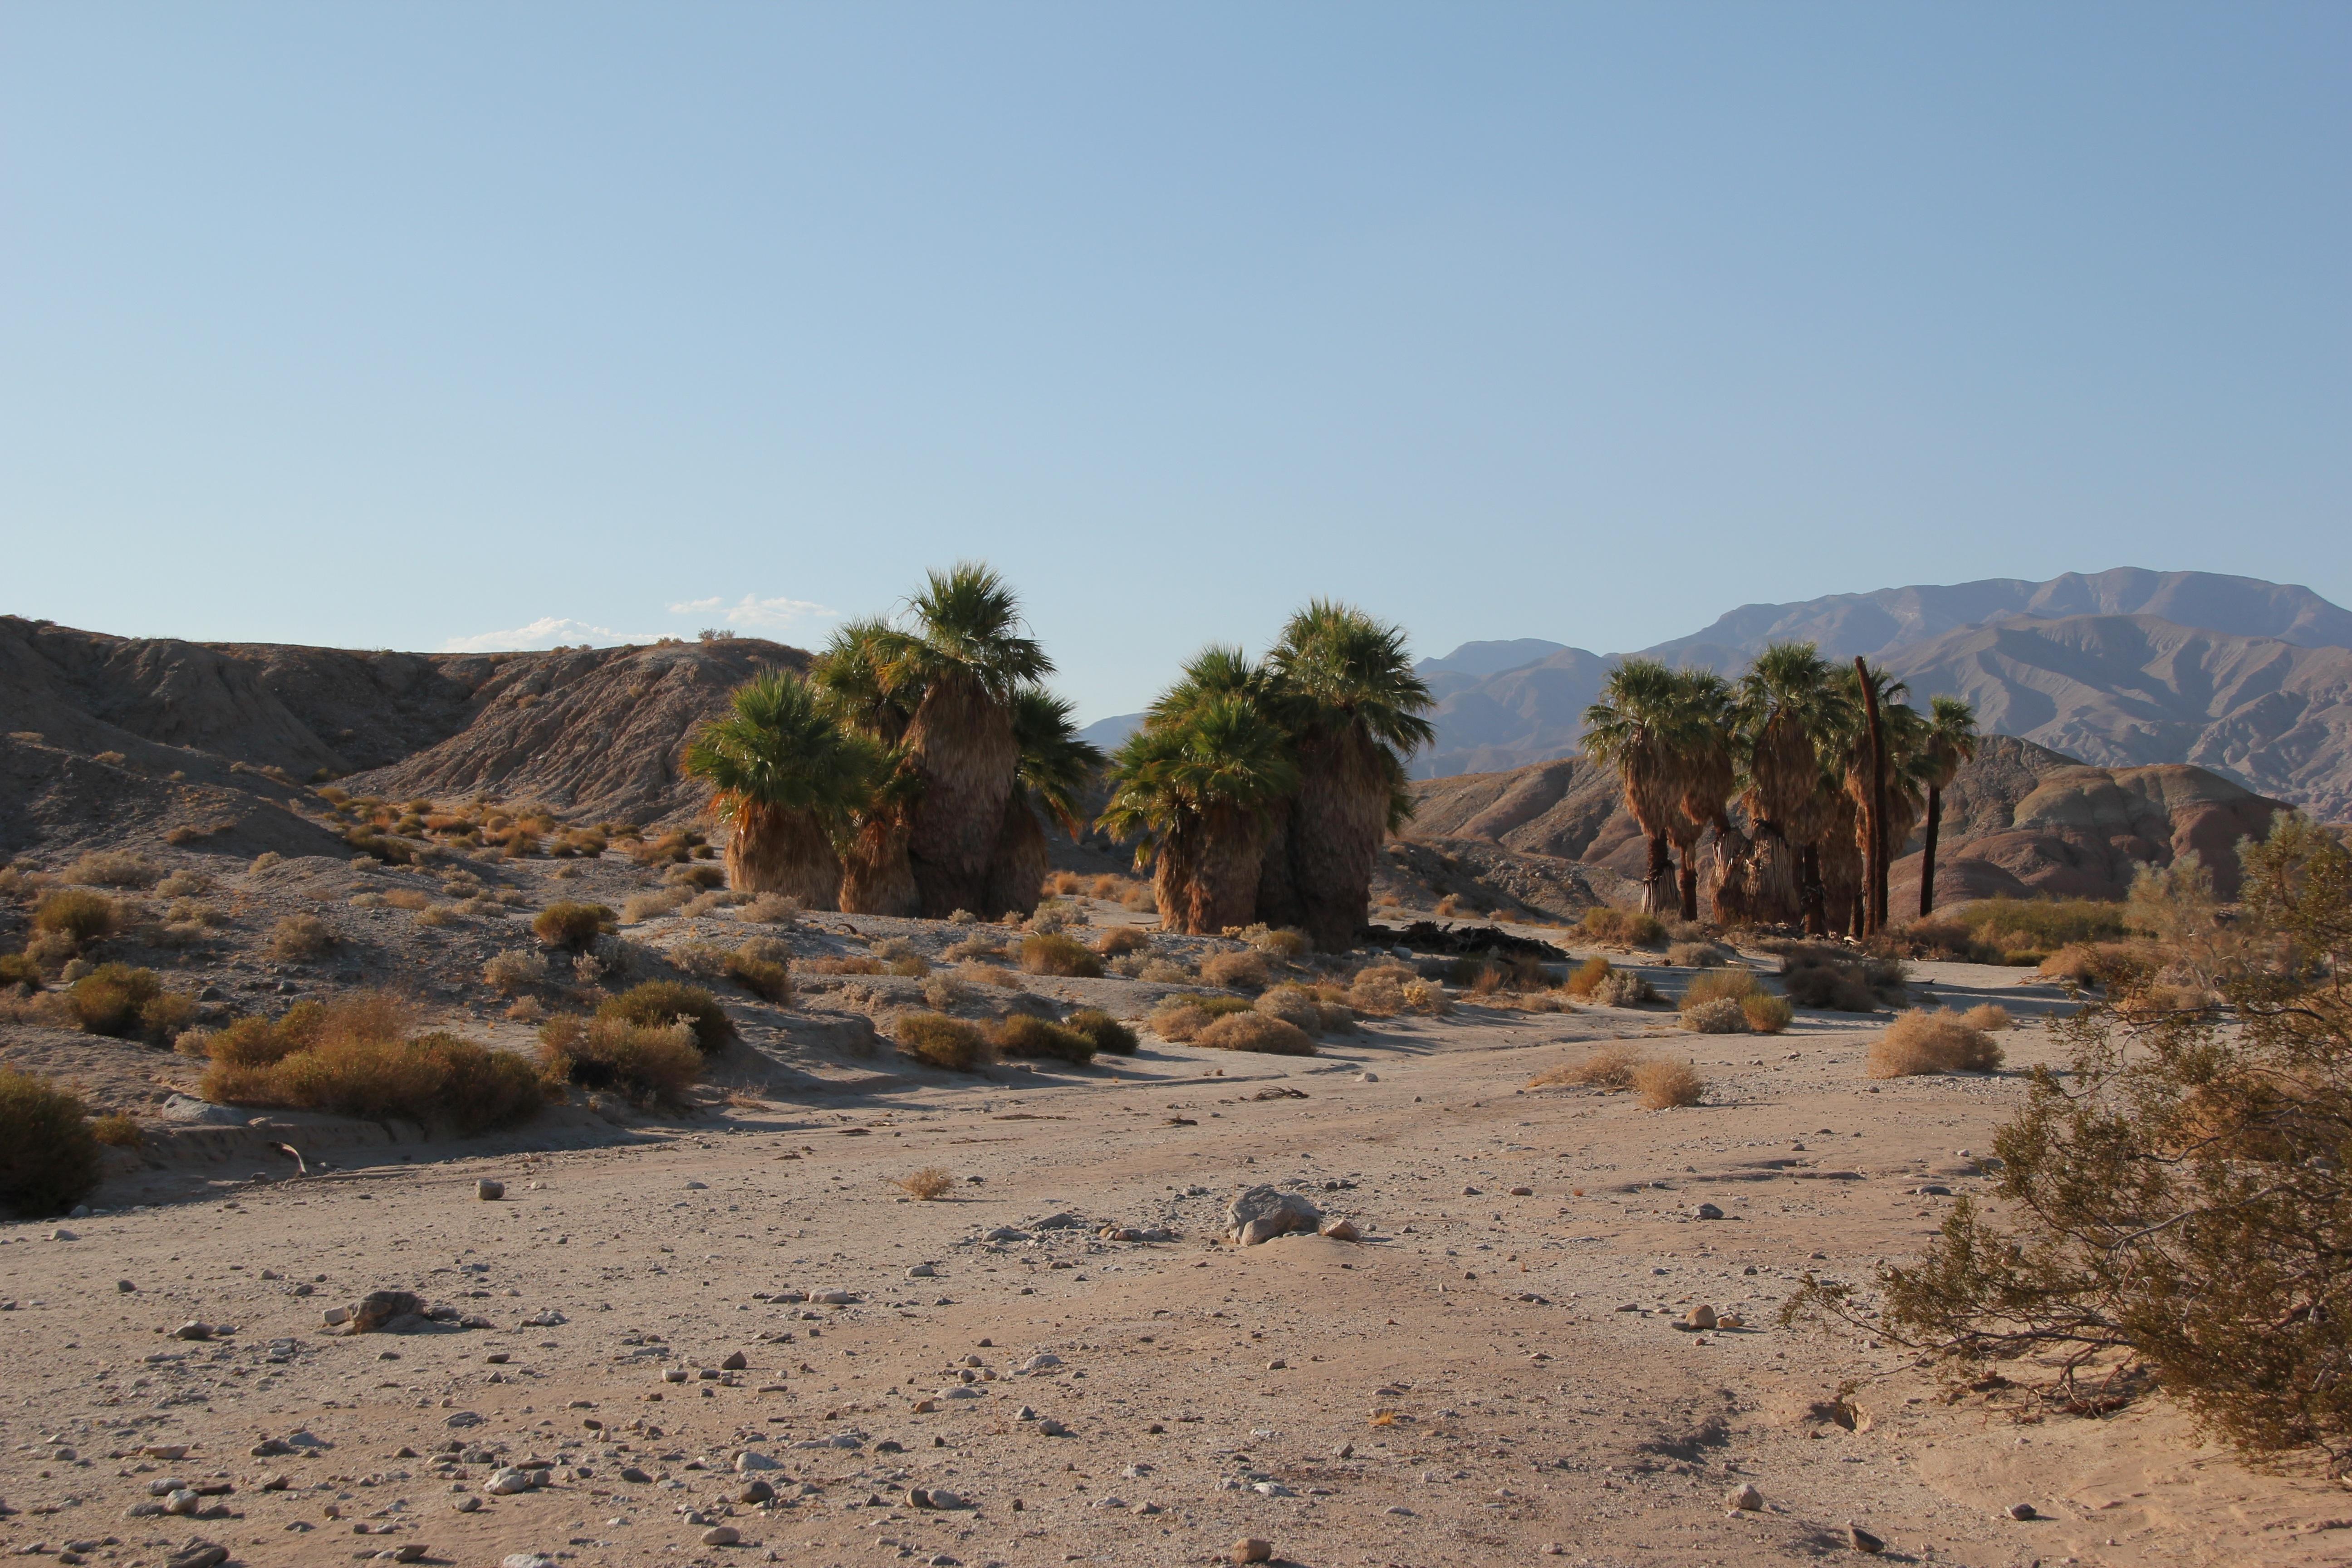 Anza borrego desert california